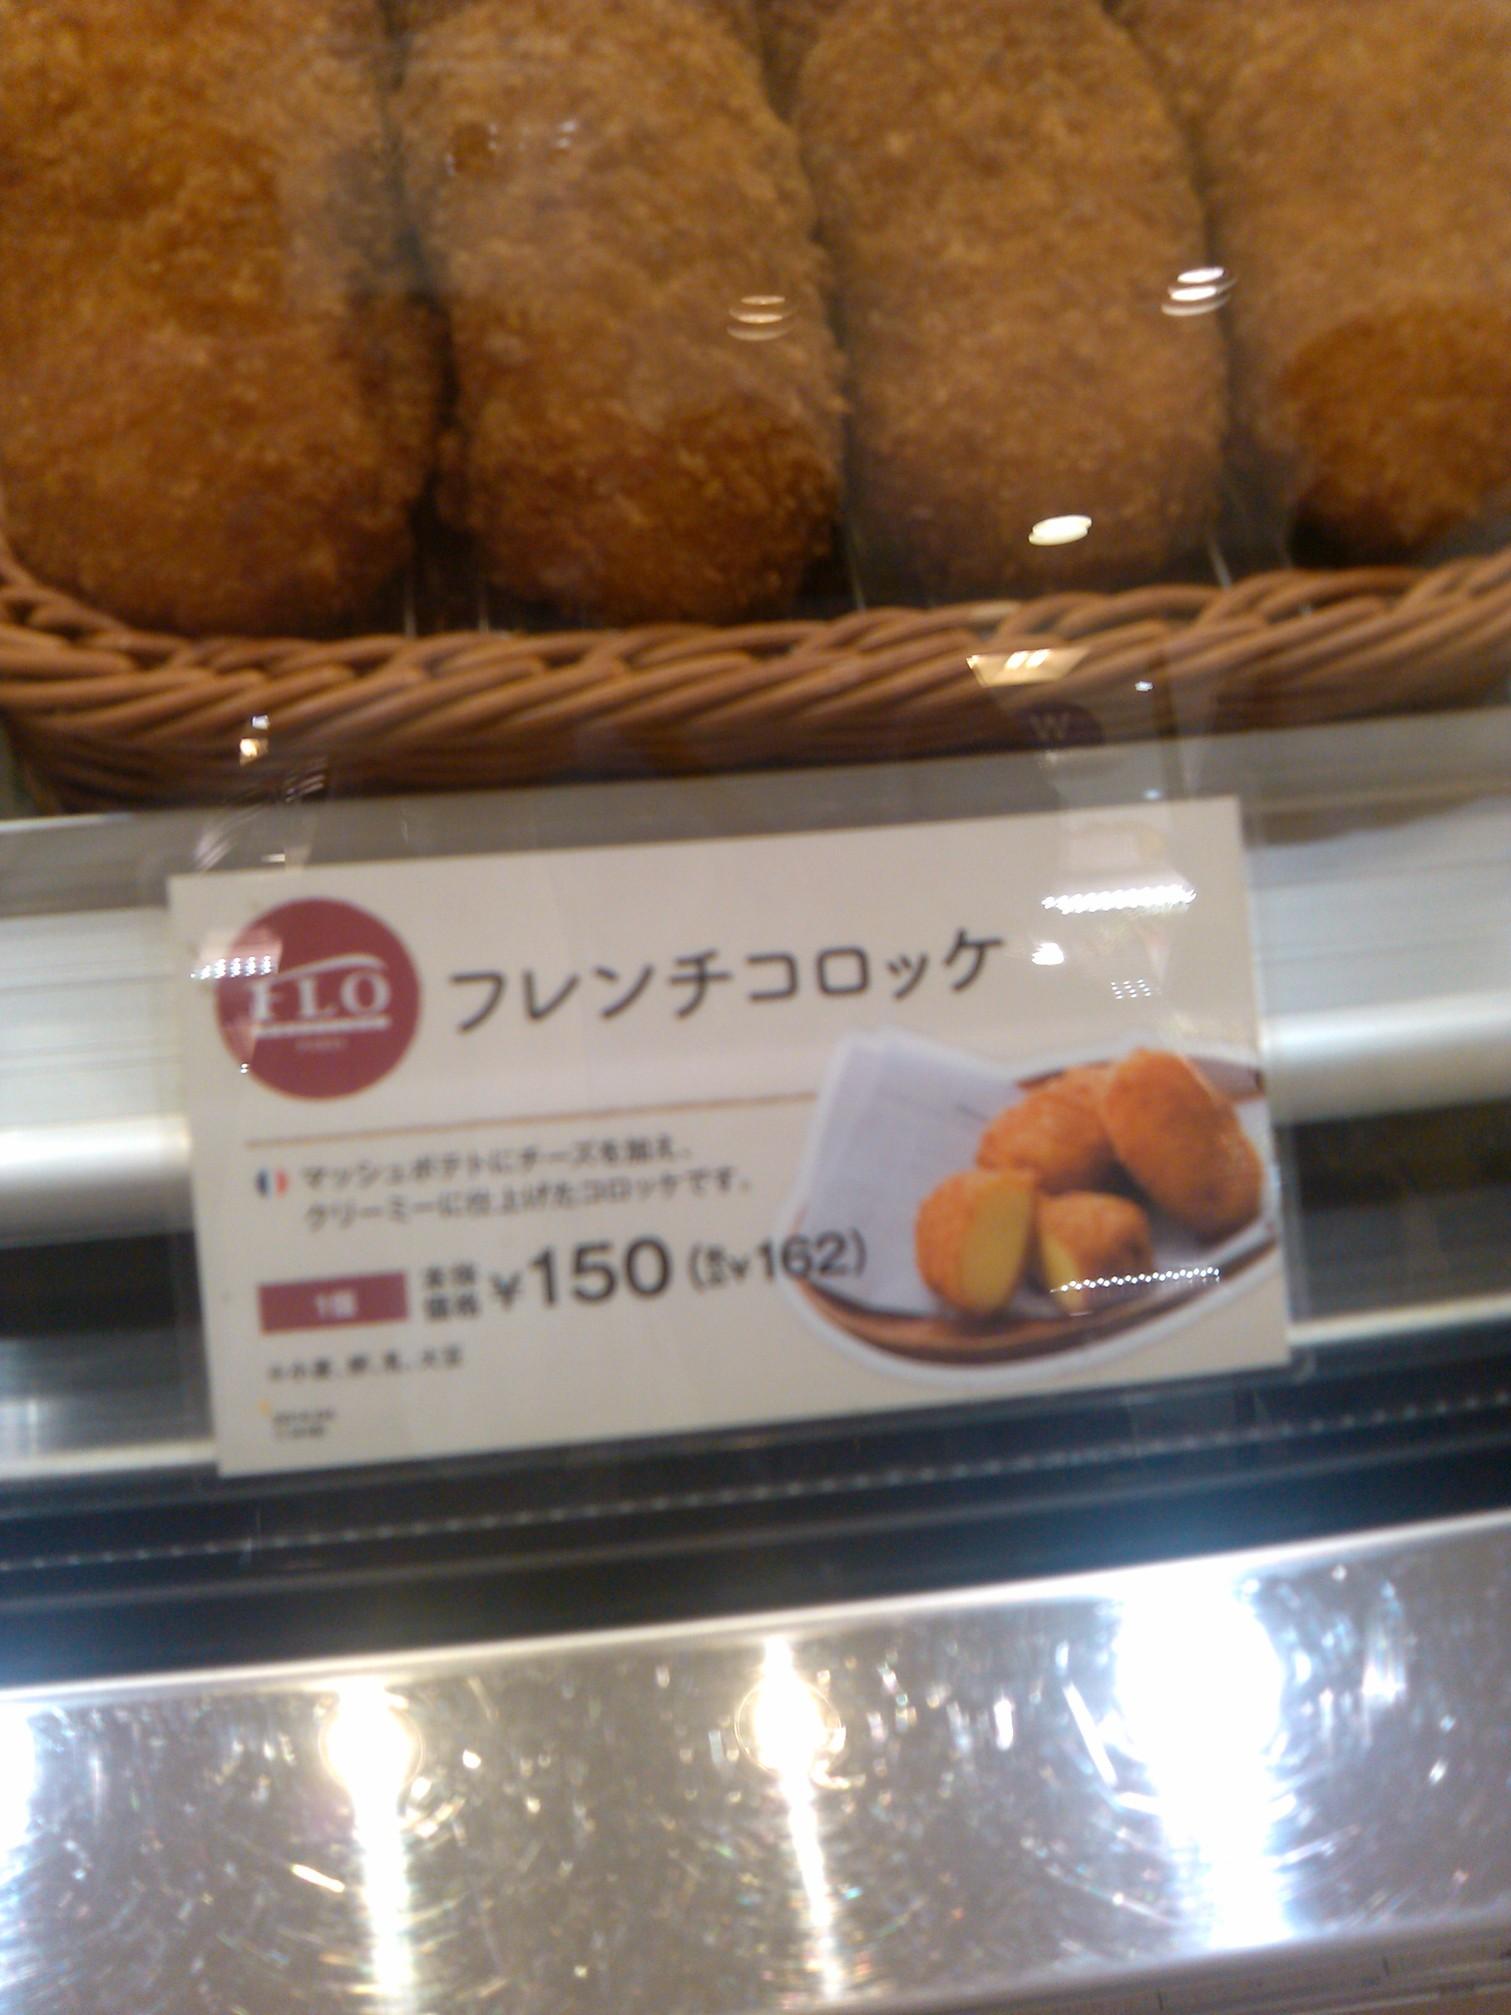 フロ プレステージュ 松戸アトレ店